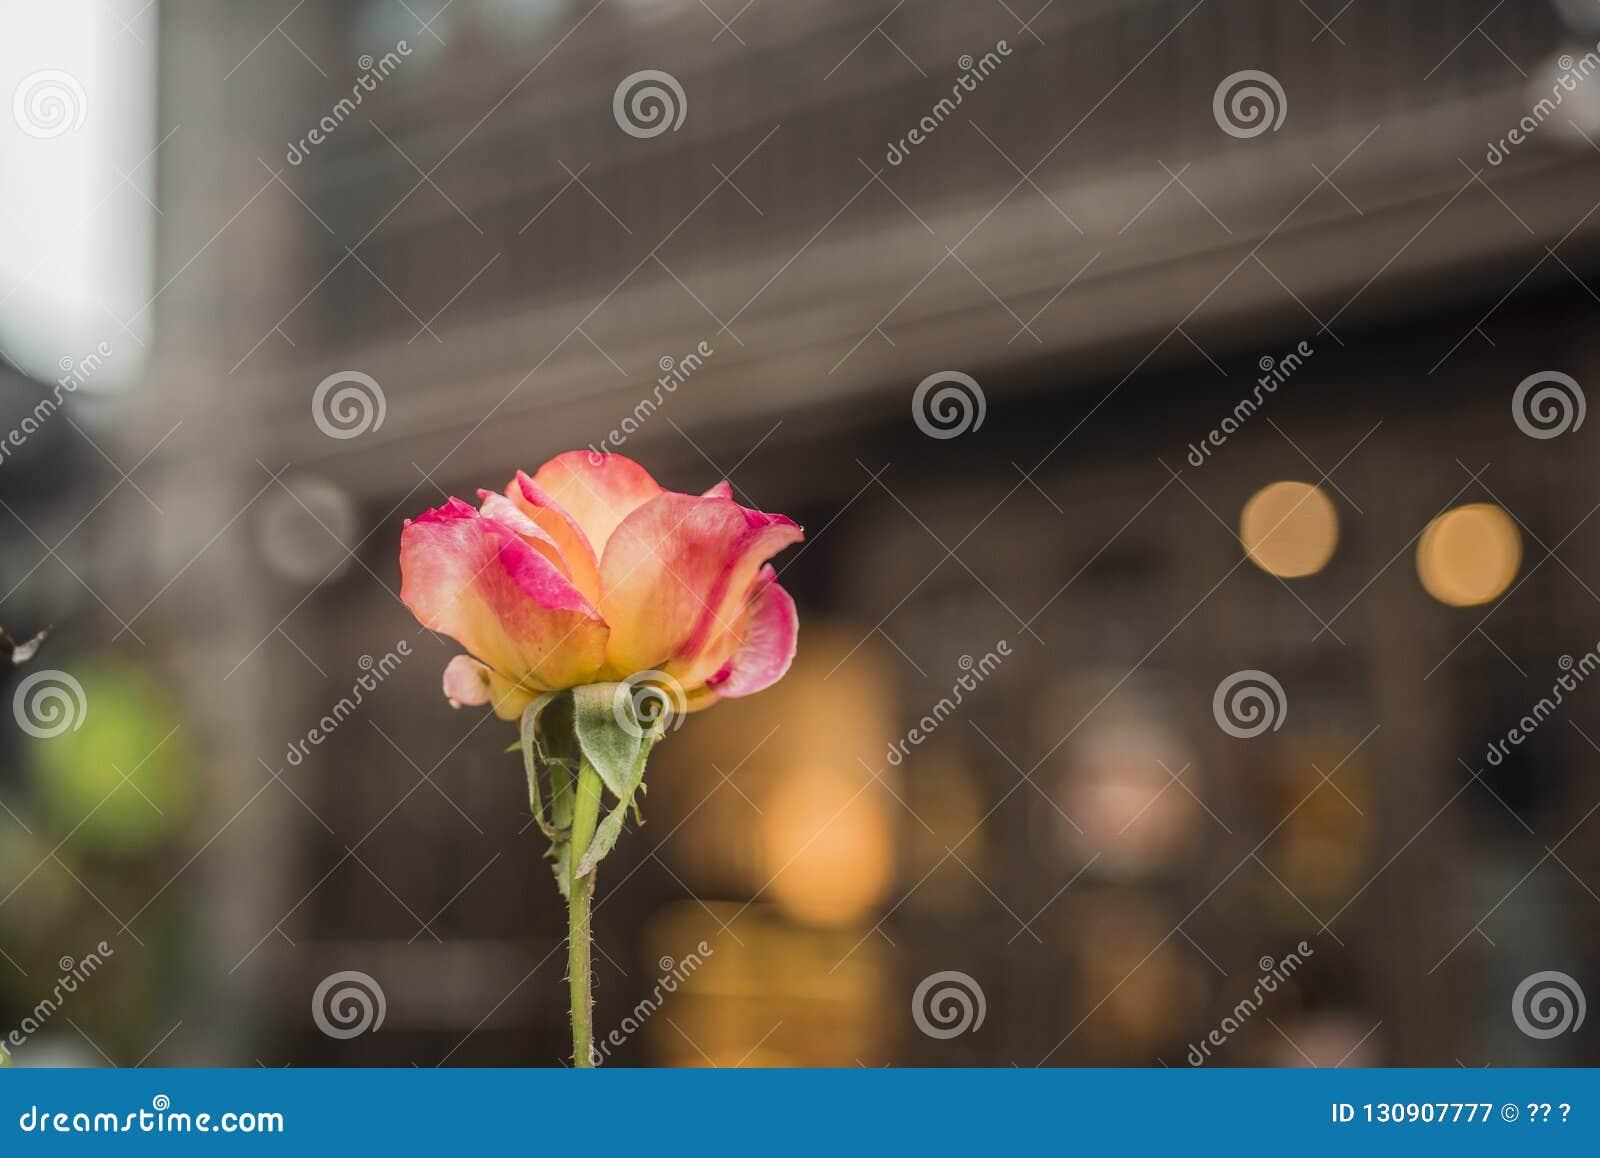 Kwitnąca pomarańczowoczerwona róża